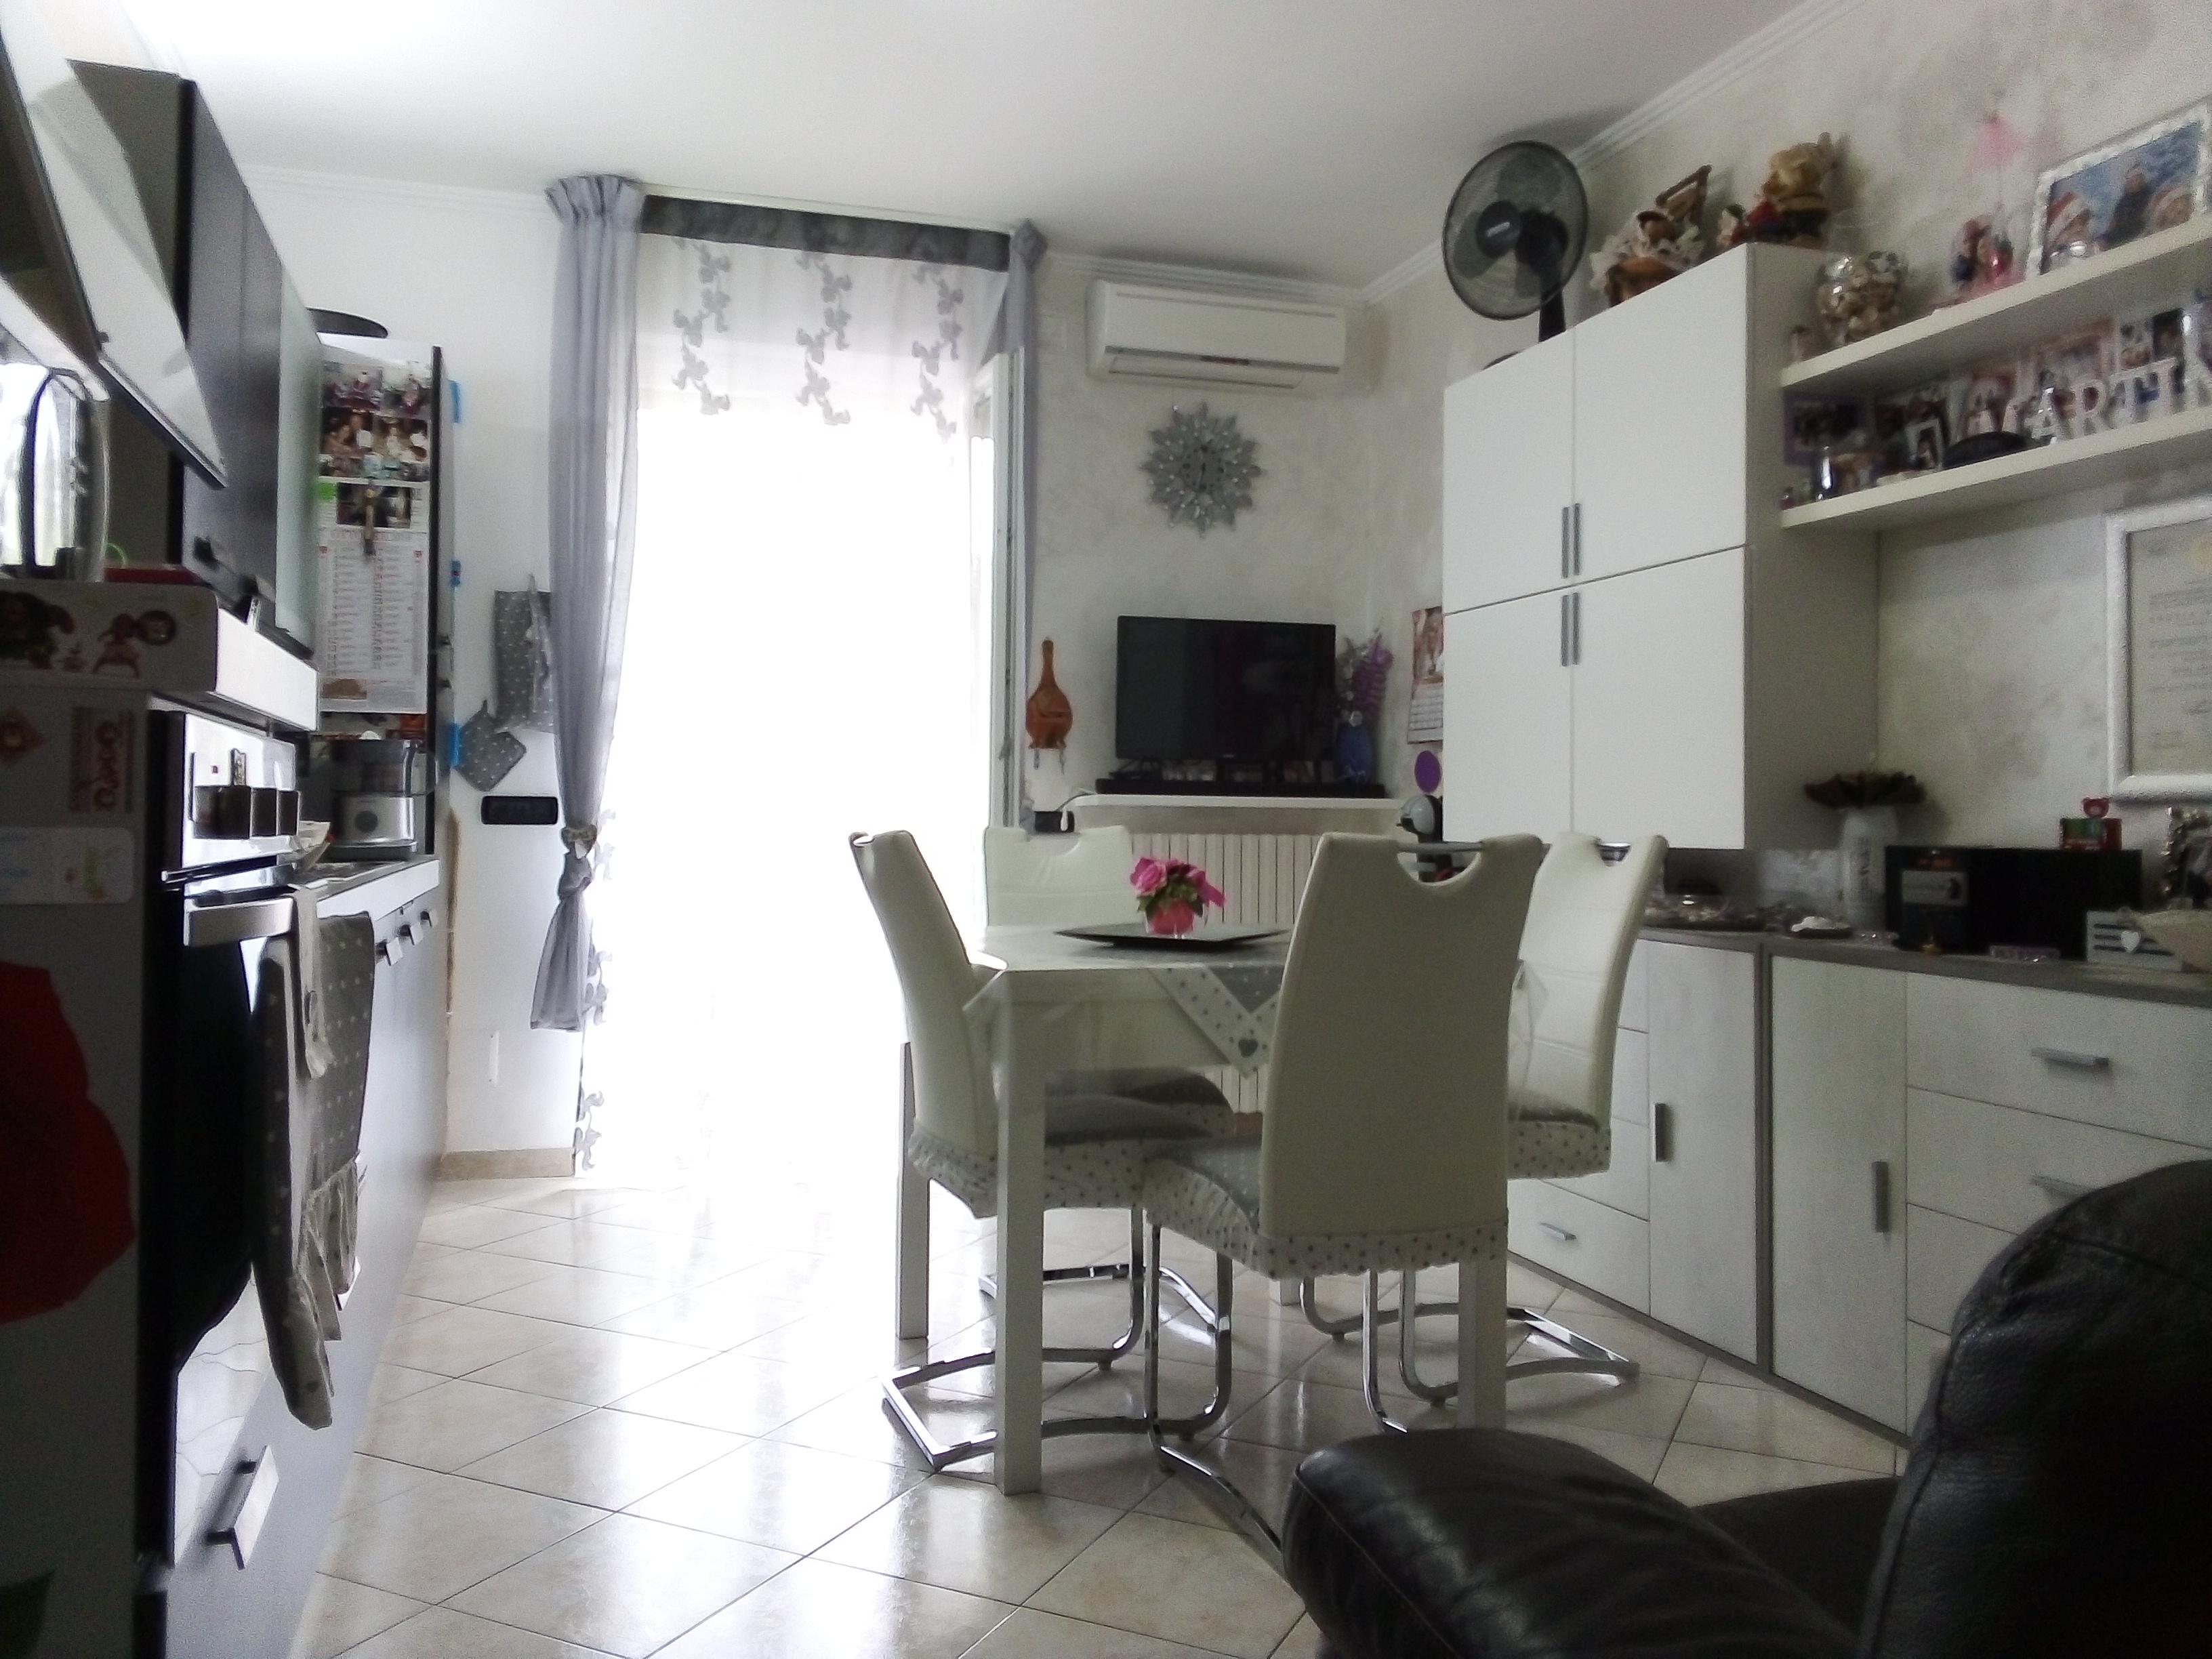 appartamenti in vendita foggia-Via Benedetto Croce bellissimo 2 vani accessori